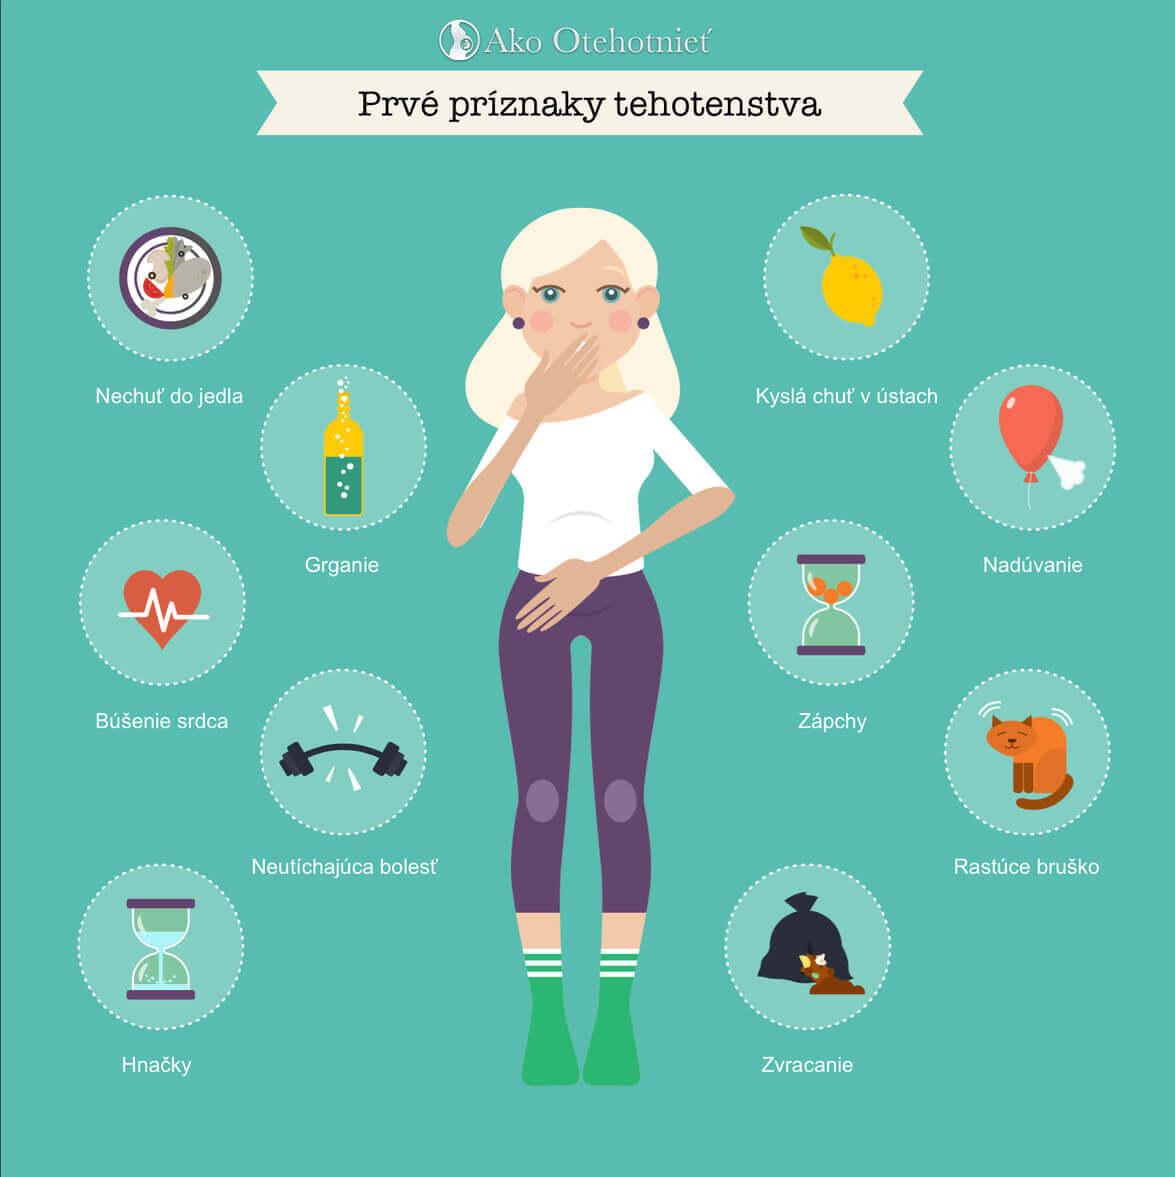 prvé príznaky tehotenstva infografika